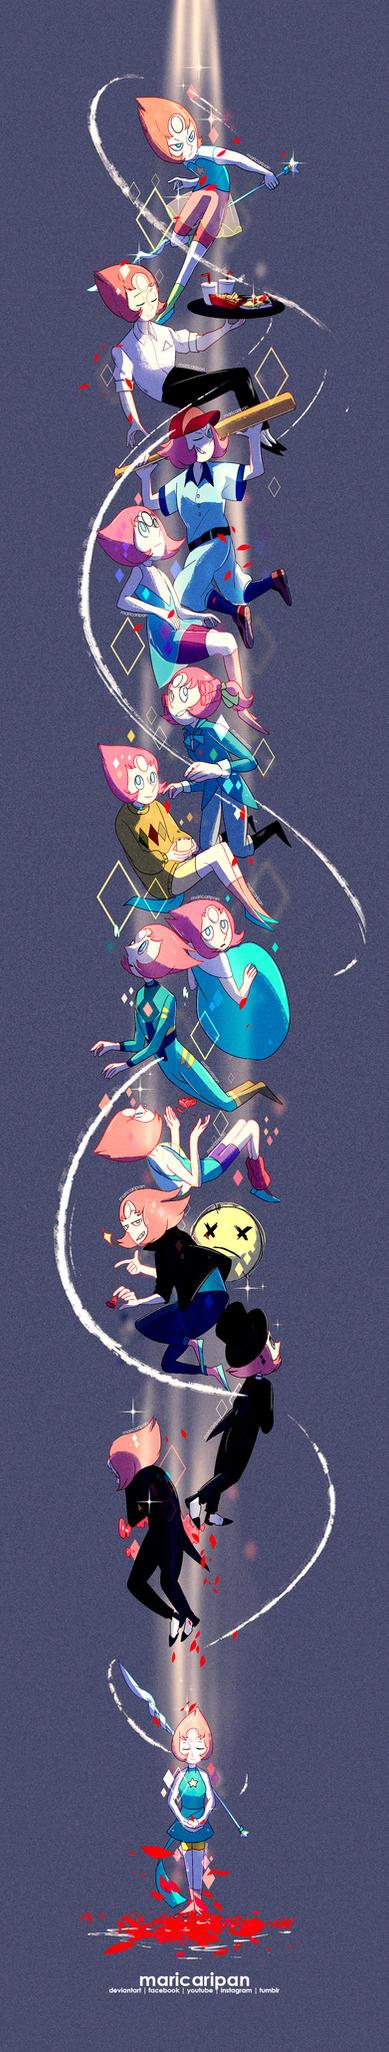 Steven Universe - Pearl + SPEEDPAINT by maricaripan